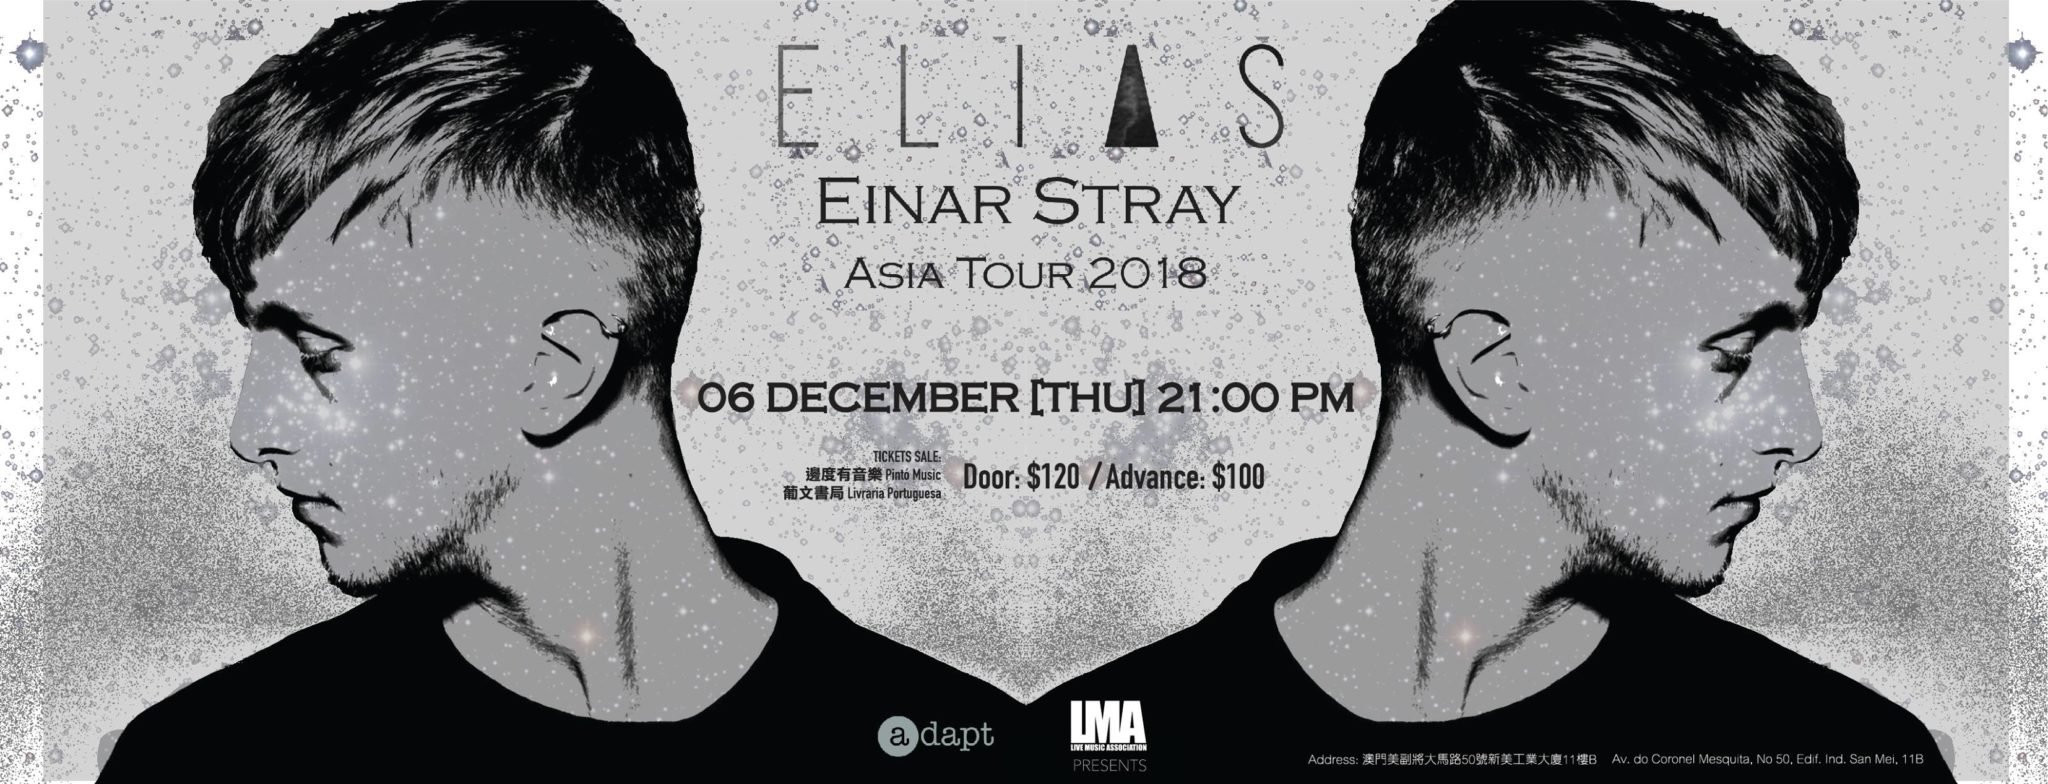 LMA | Elias Sahlin no palco da Coronel Mesquita